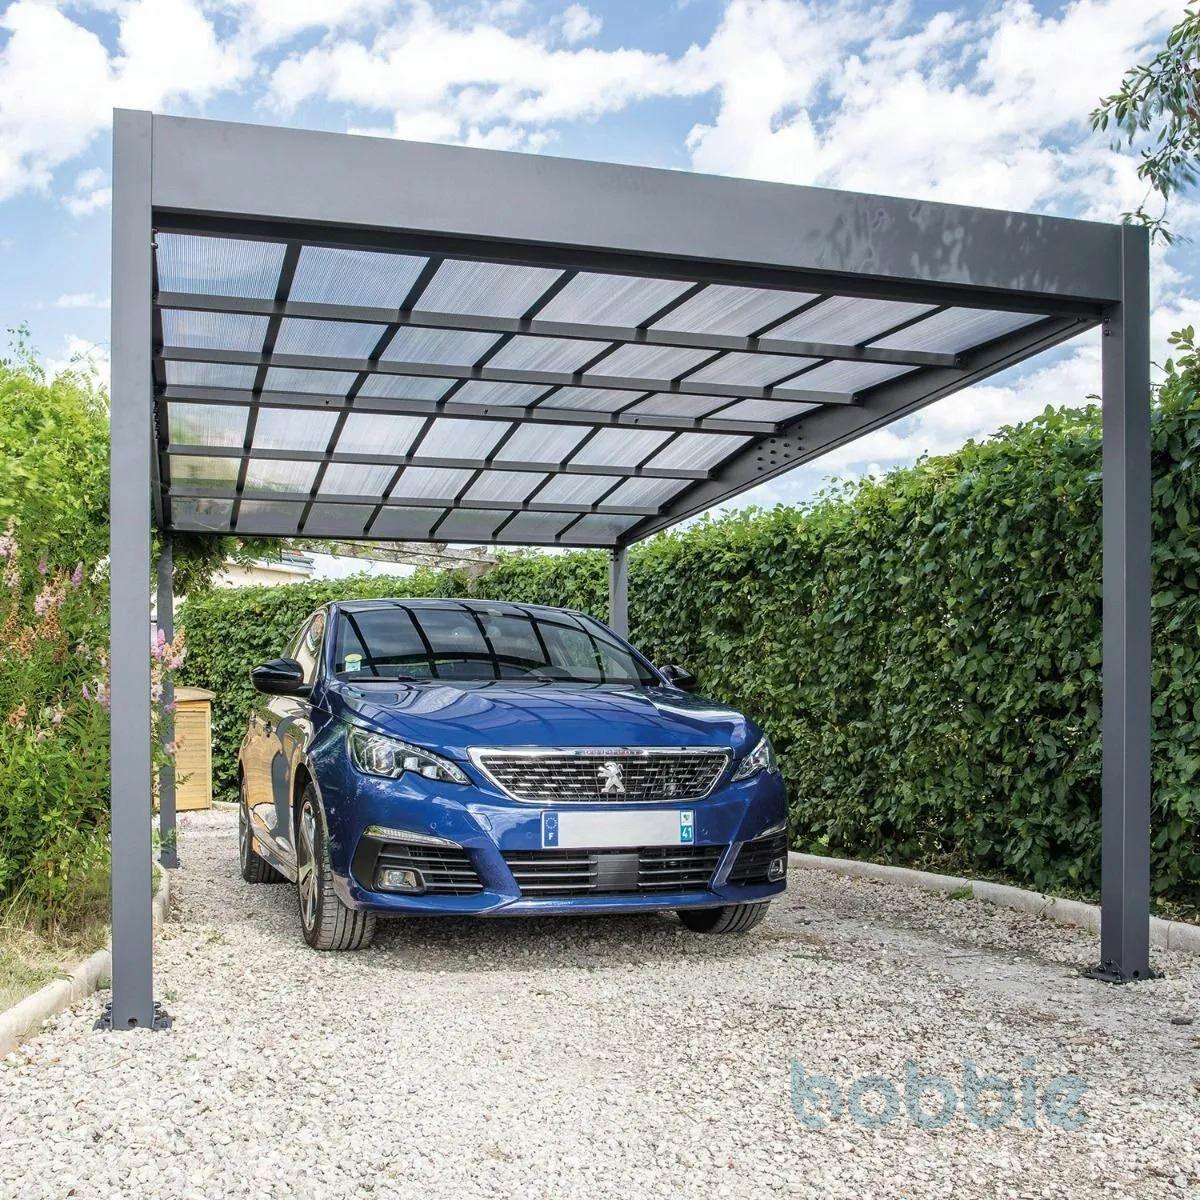 Trigano Carport Libeccio 16.6m² aus Aluminium inkl. 3 Panels